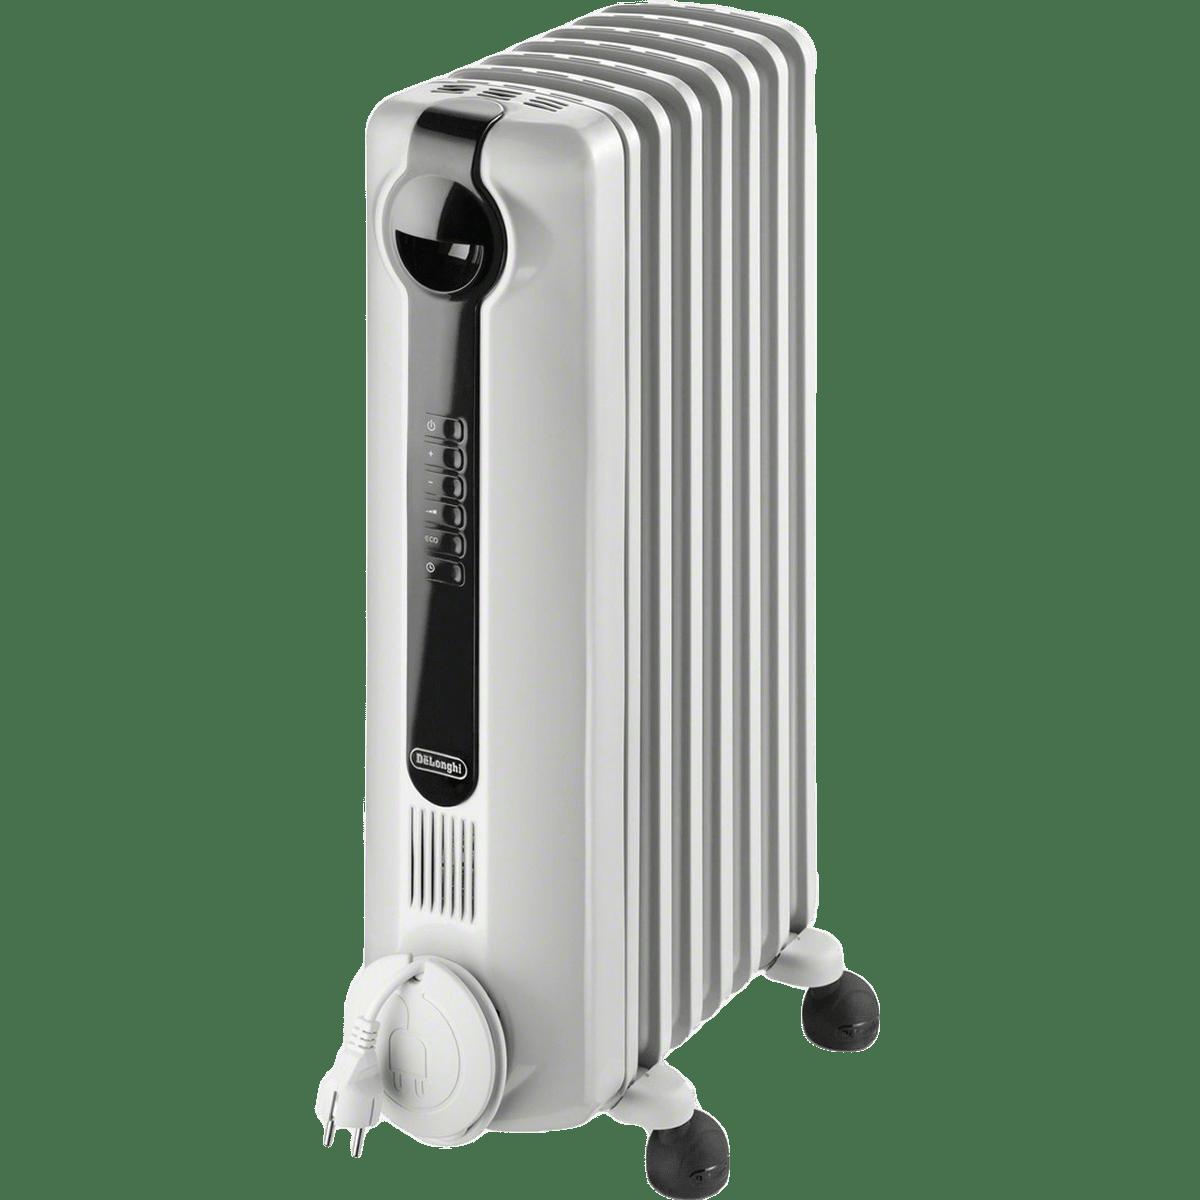 Delonghi Trrs0715e Oil Filled Radiator Heater Sylvane